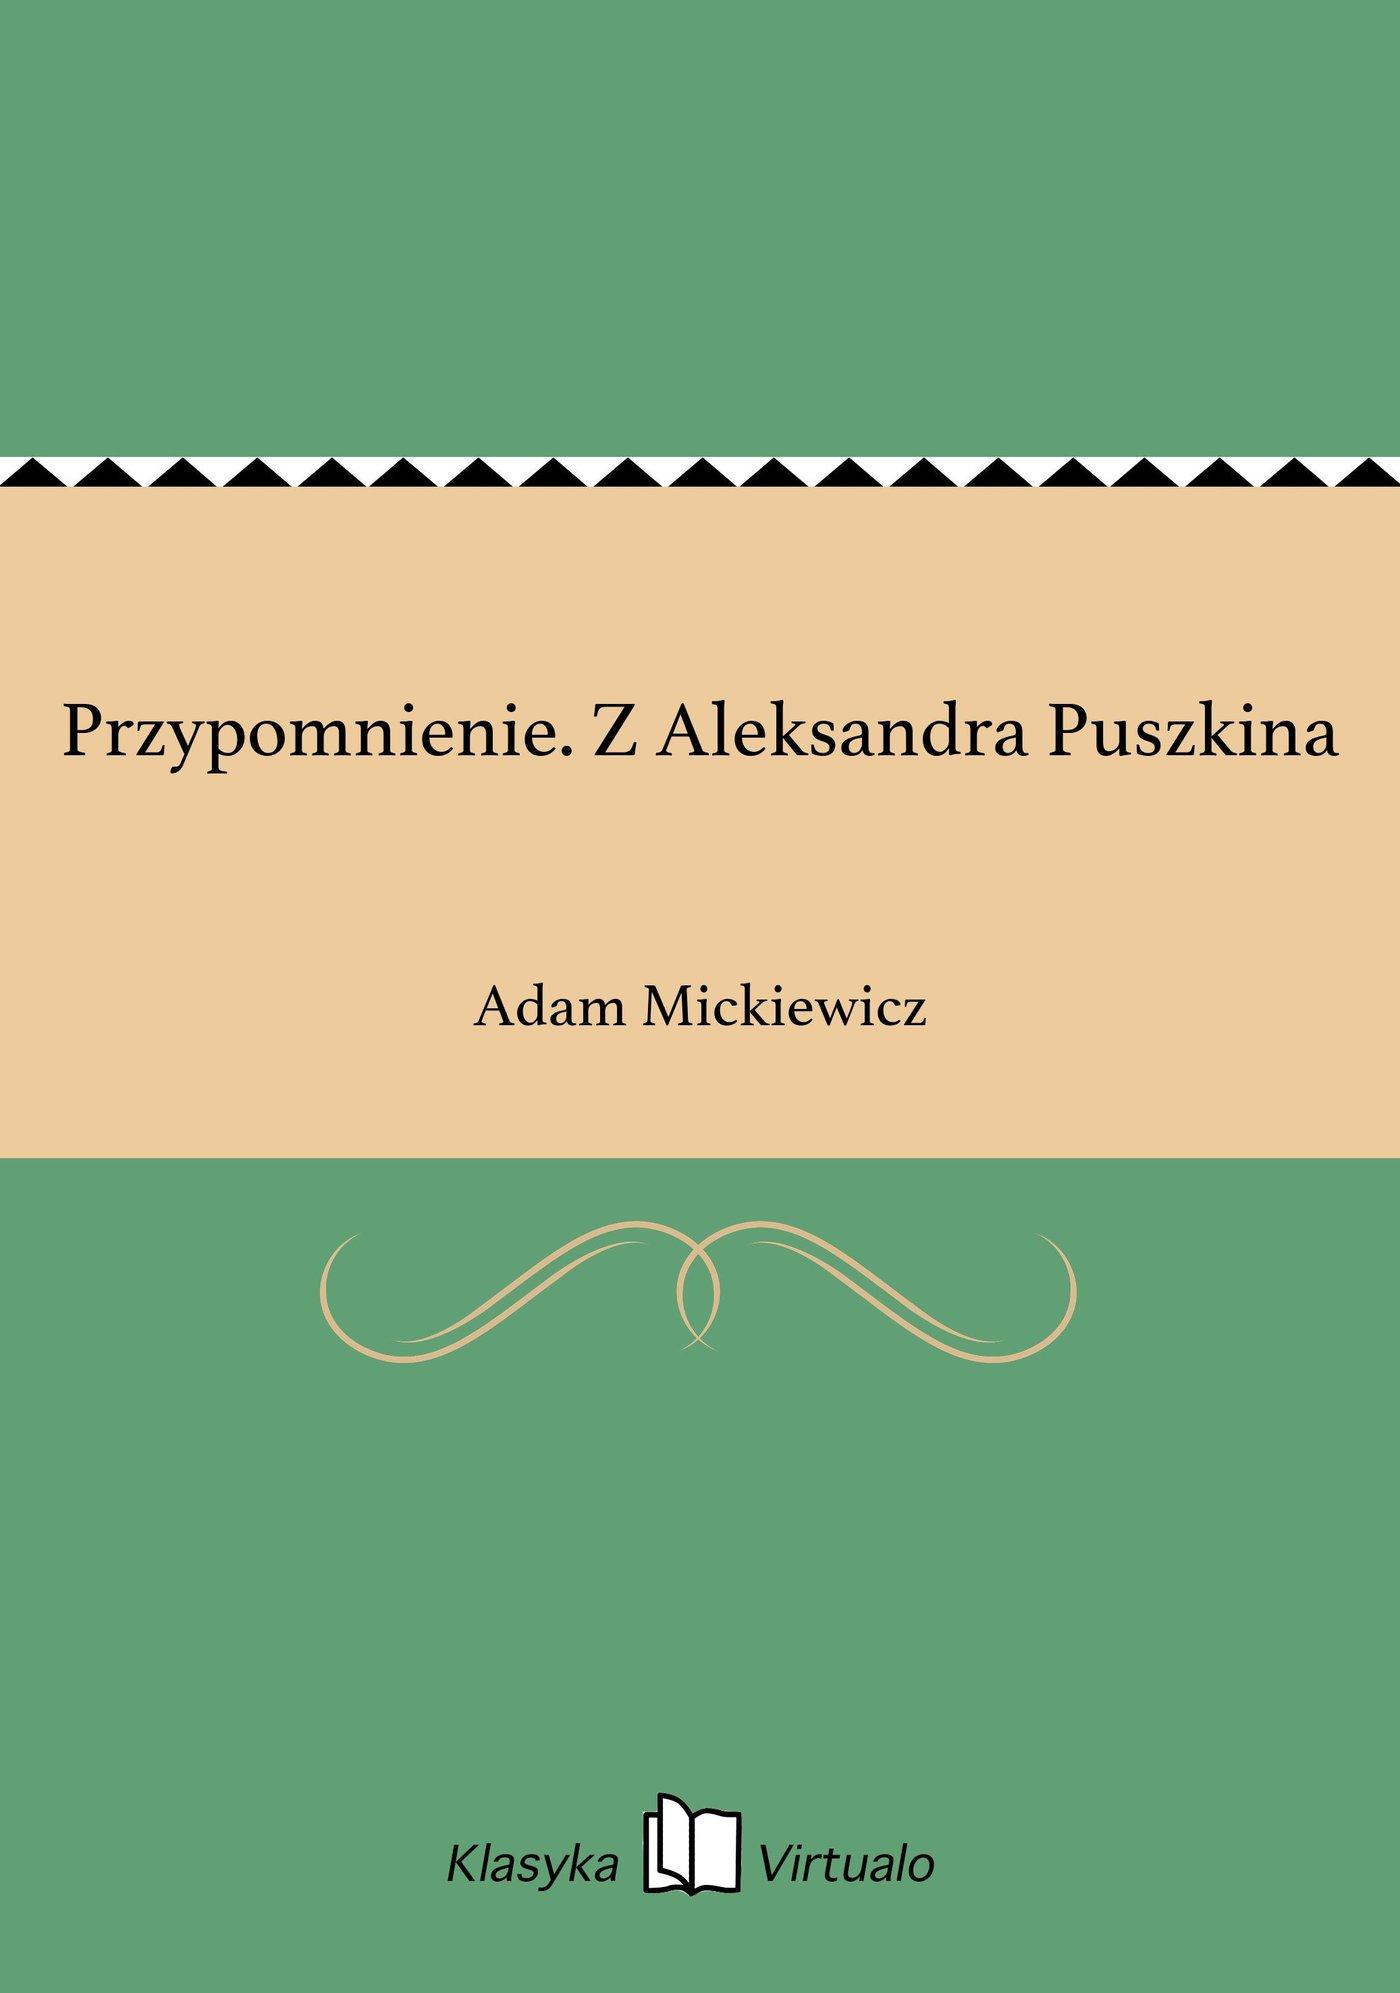 Przypomnienie. Z Aleksandra Puszkina - Ebook (Książka EPUB) do pobrania w formacie EPUB